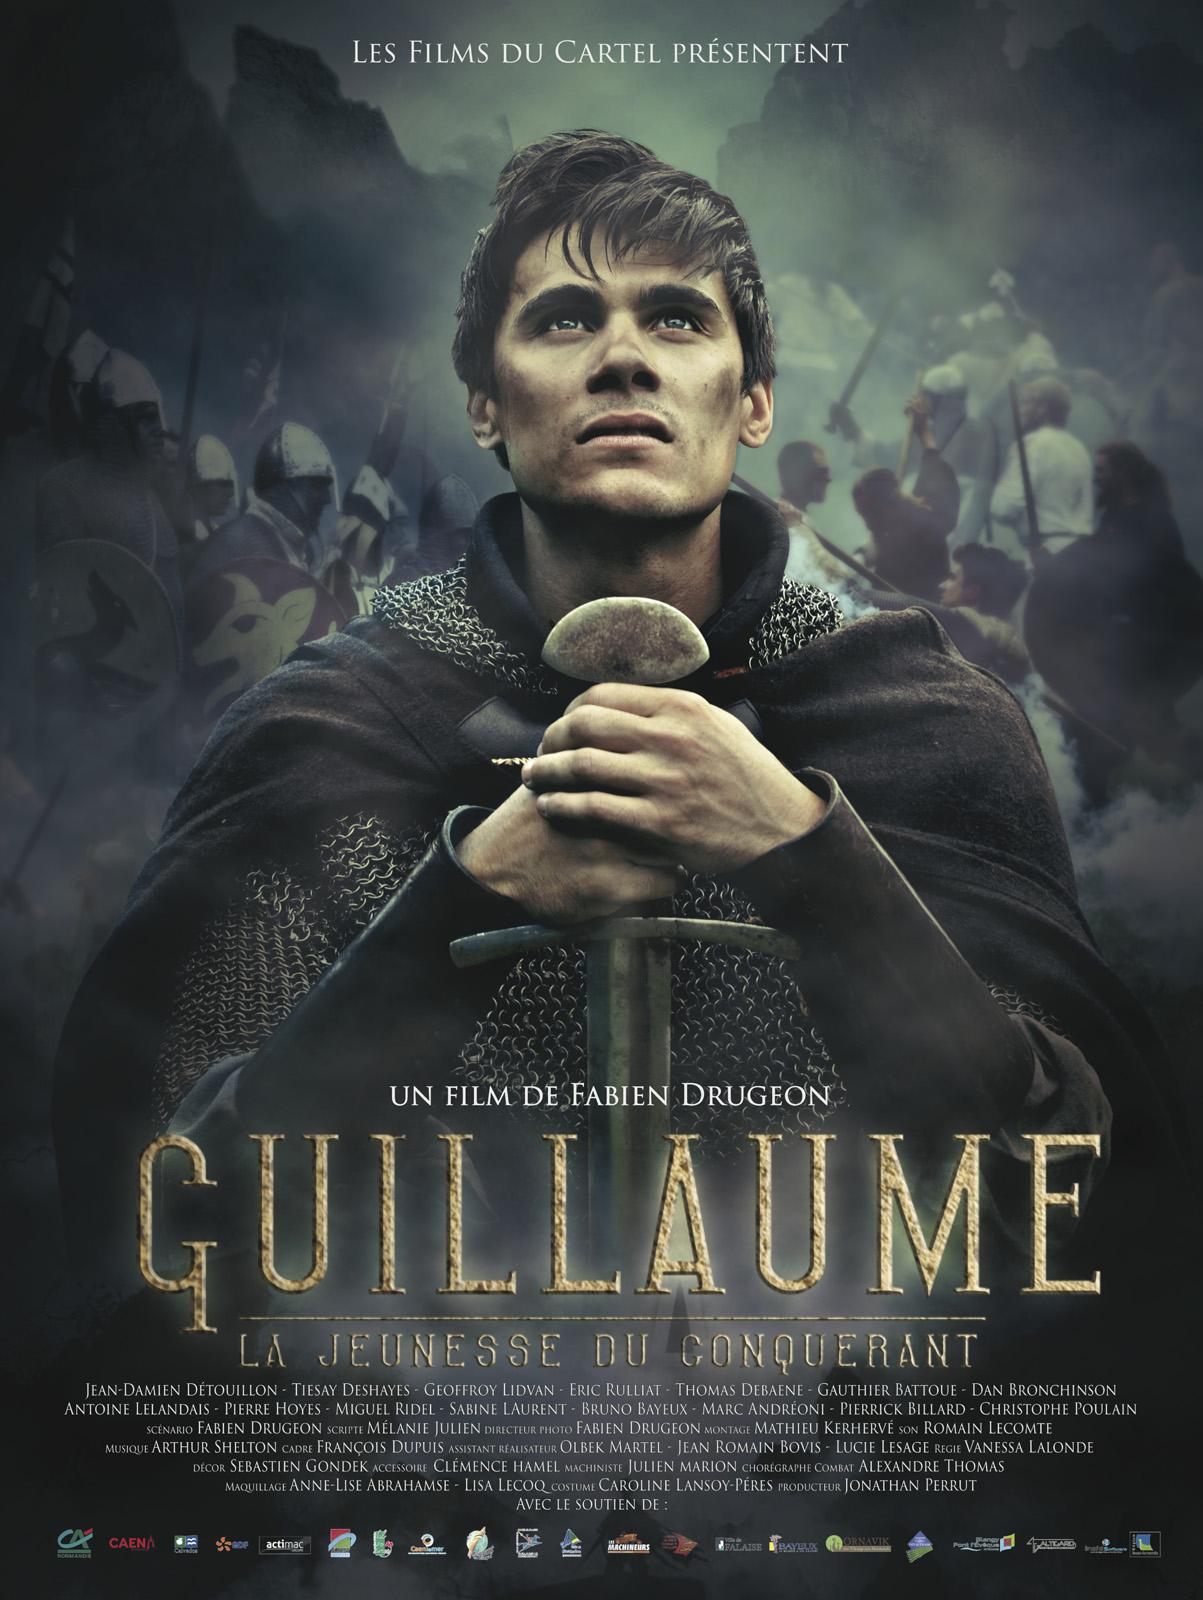 Guillaume – La jeunesse du conquérant